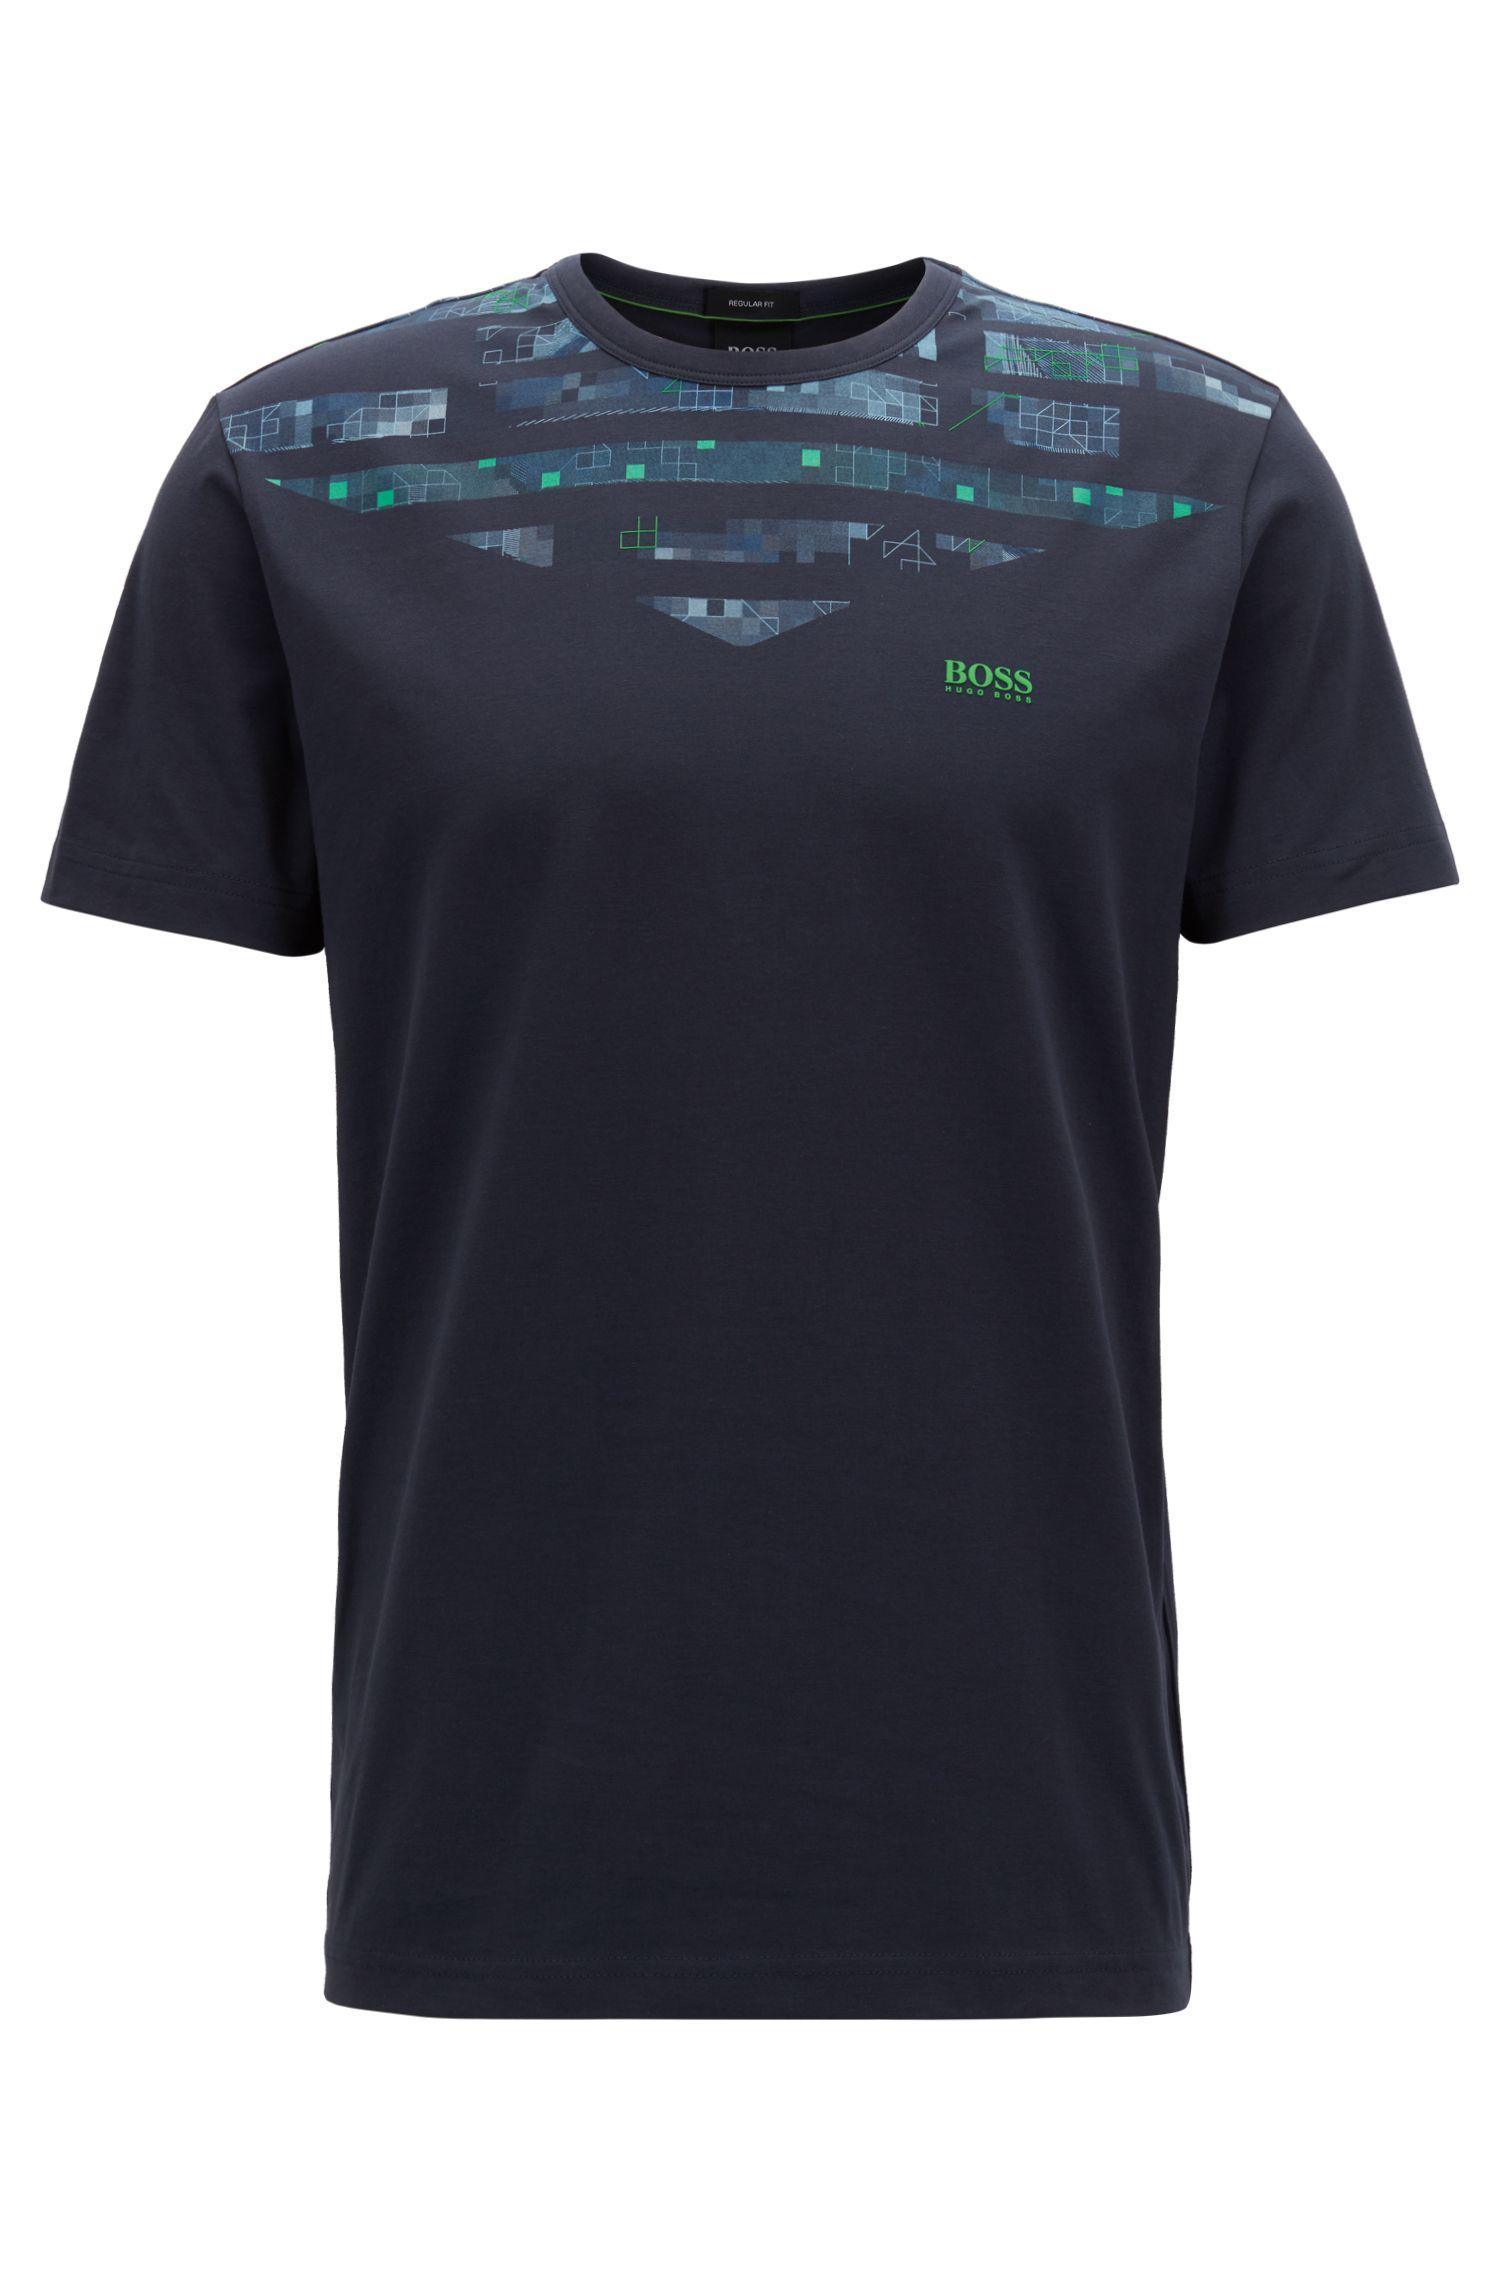 T-shirt in cotone elasticizzato con decorazione tipica della stagione